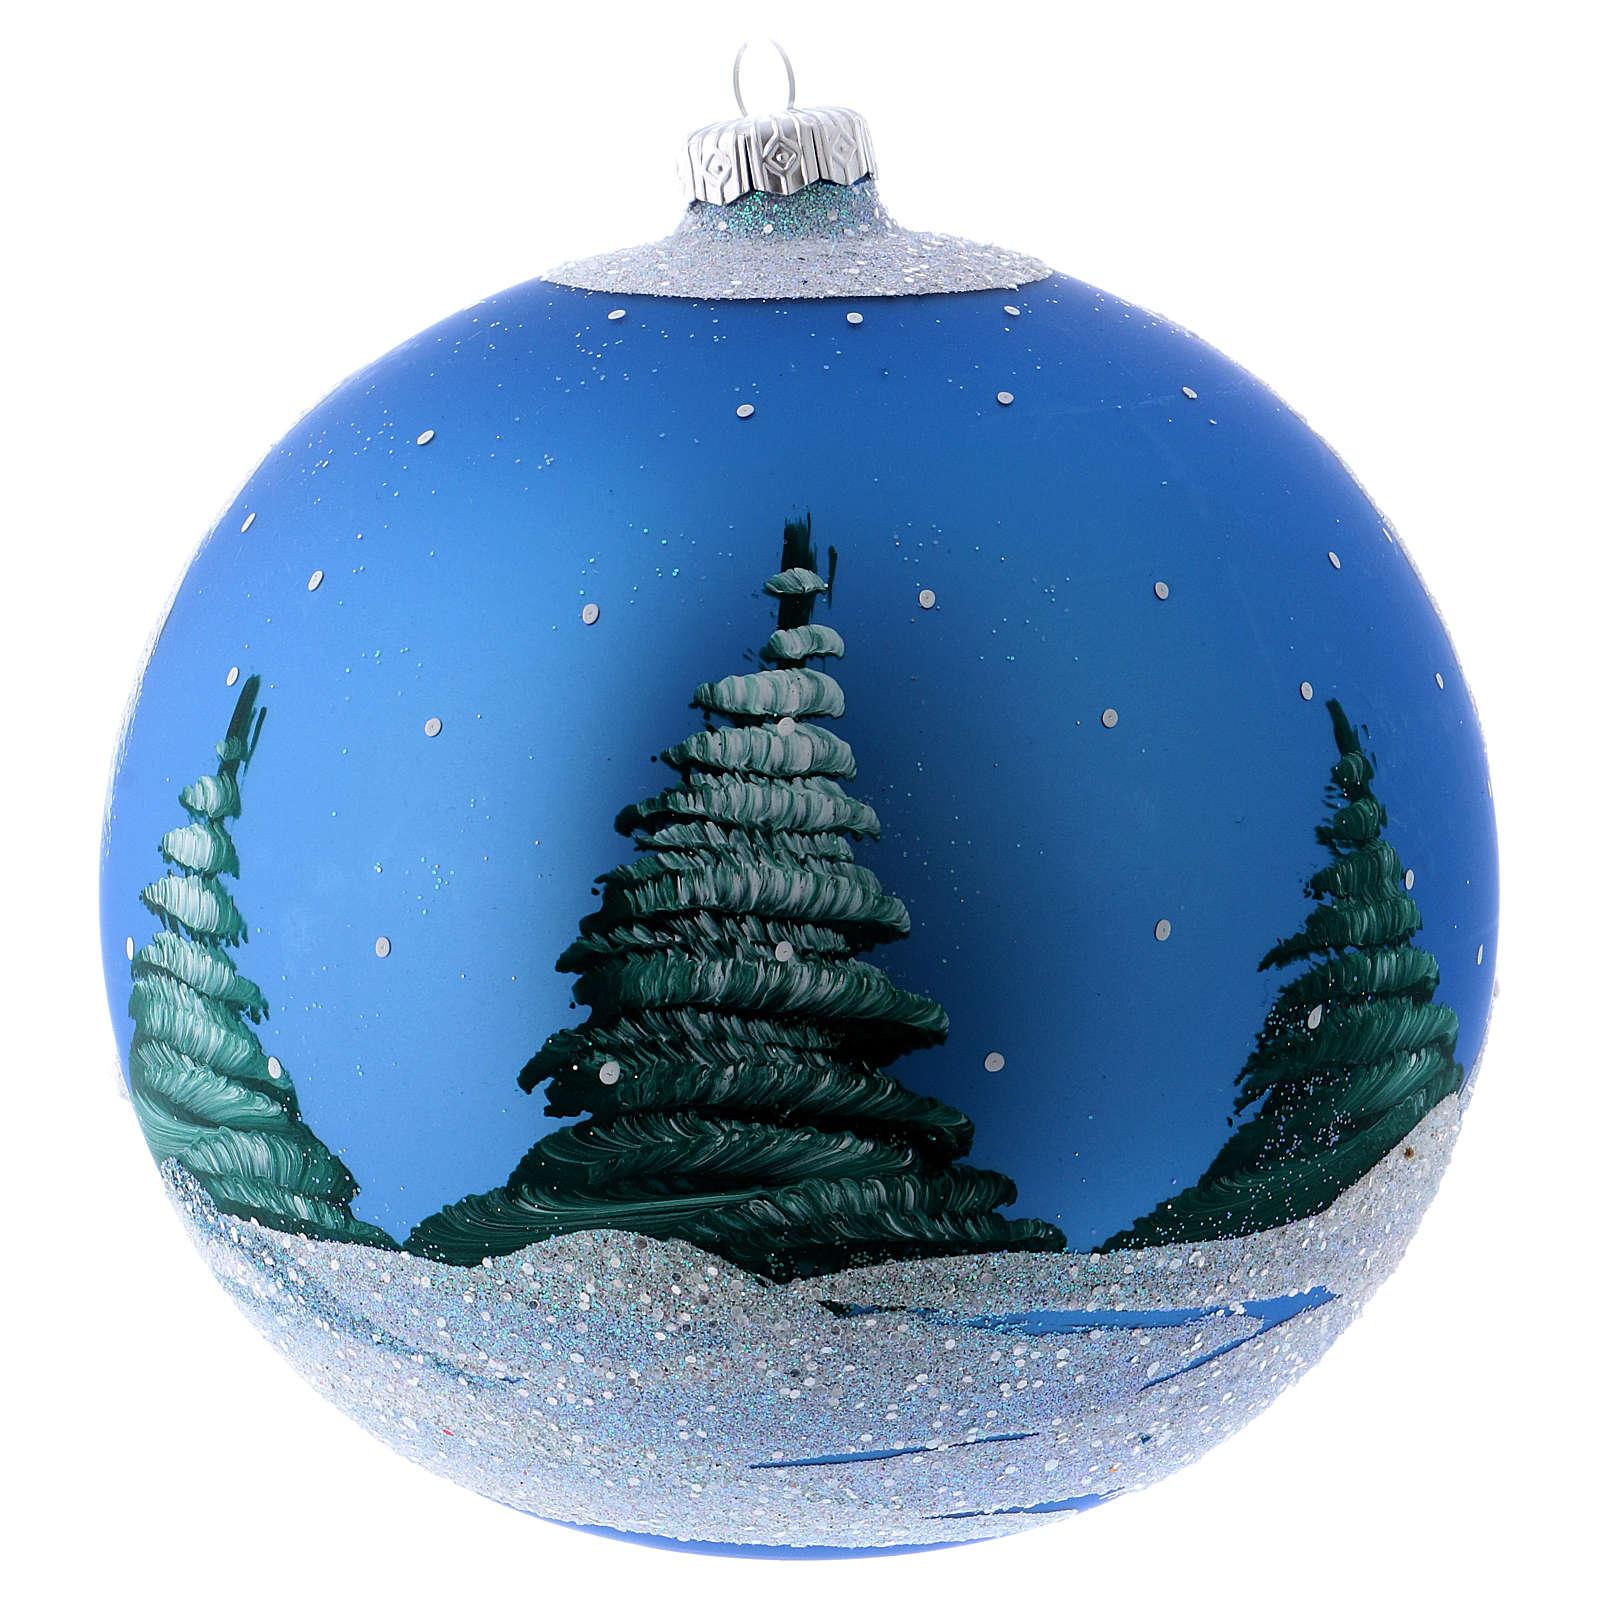 Kugel Für Tannenbaum.Tannenbaum Kugel Landschaft Mit Schnee Blau 150mm